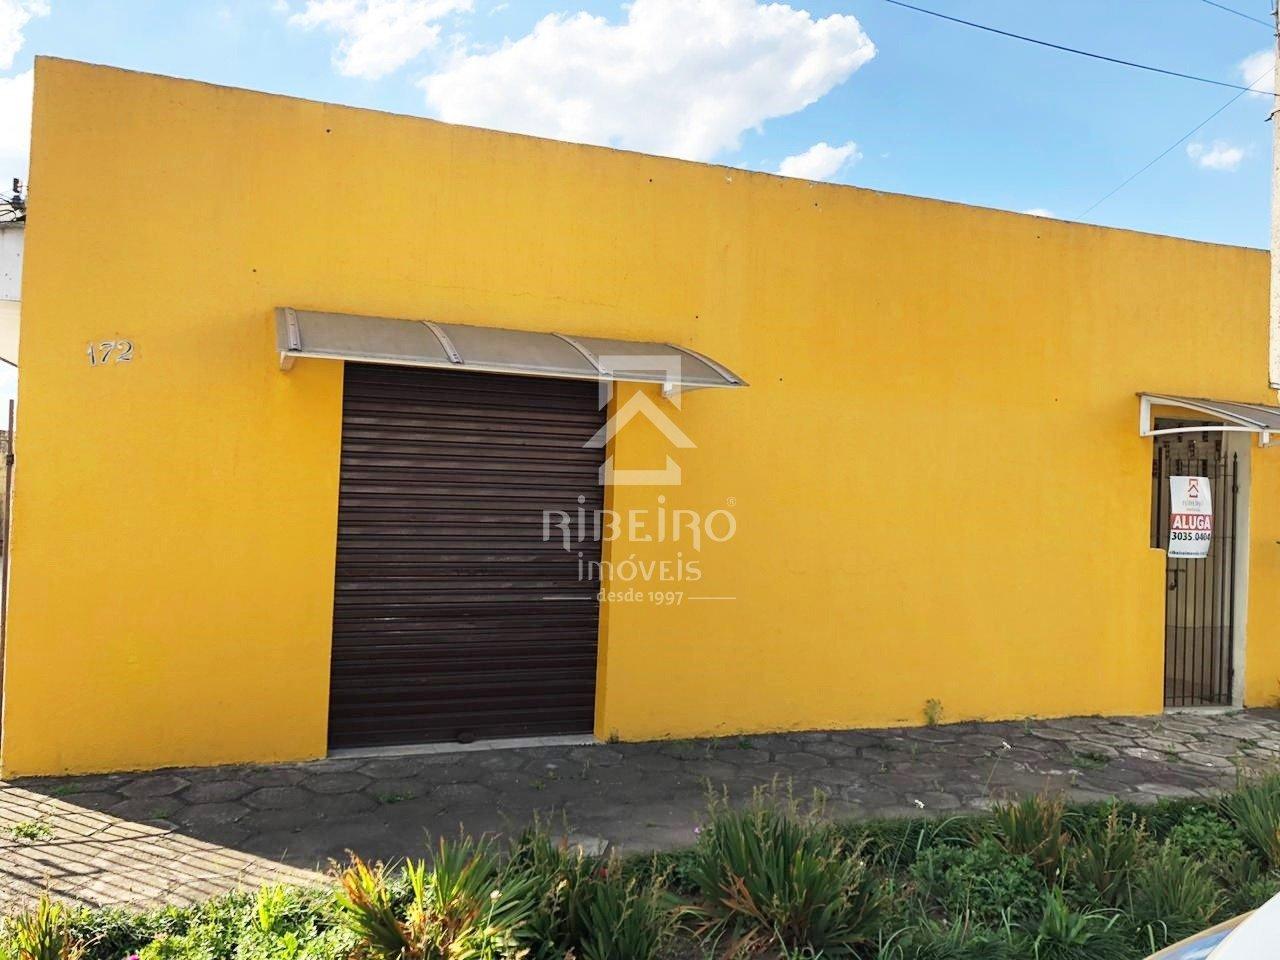 REF. 8375 -  São José Dos Pinhais - Rua  Andre Moro, 172